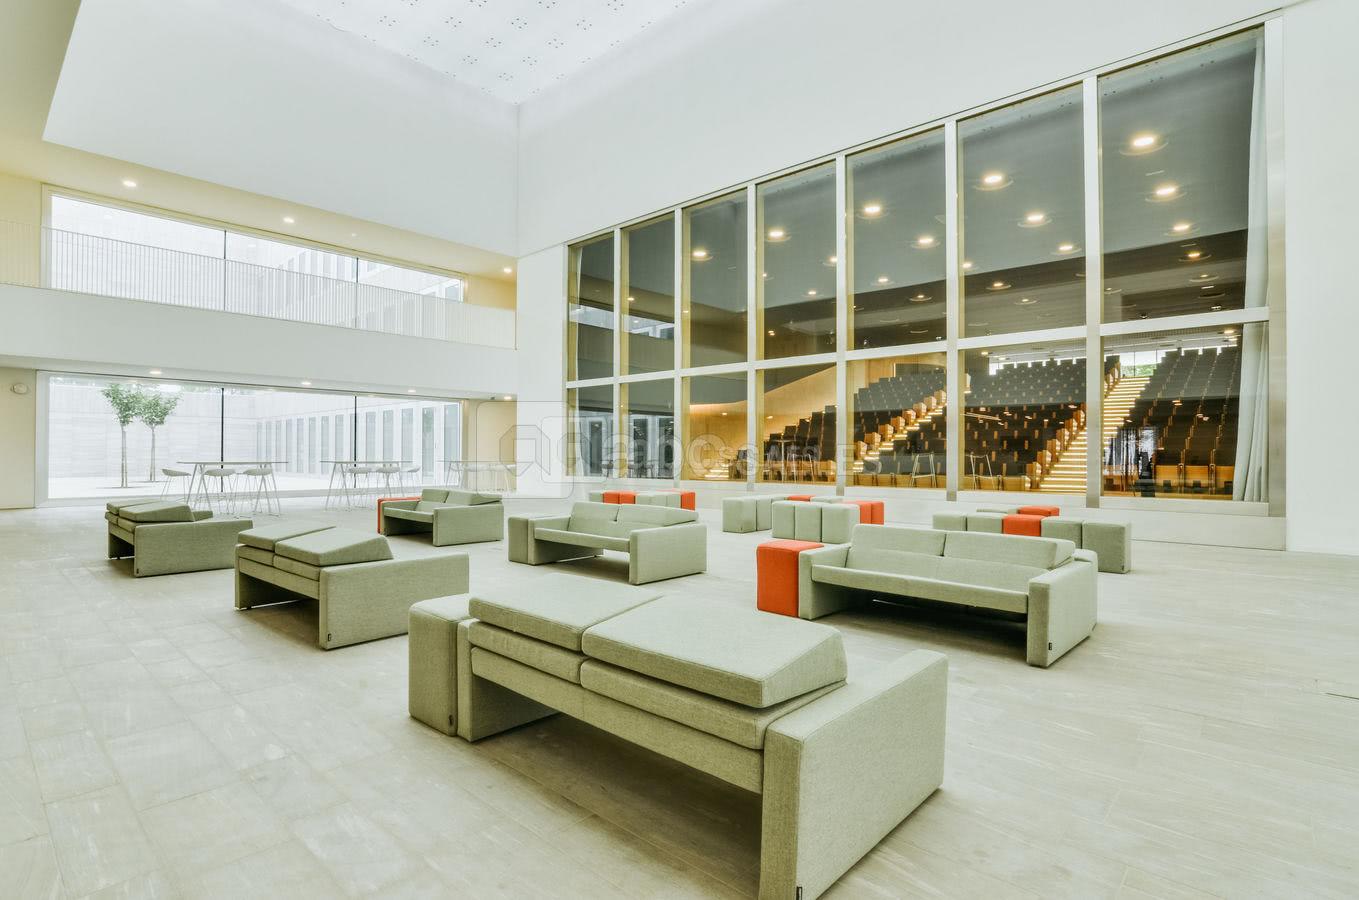 Chambre De Métiers Et D'Artisanat Hauts-De-France - Abc Salles tout Chambre Des Metiers Blois